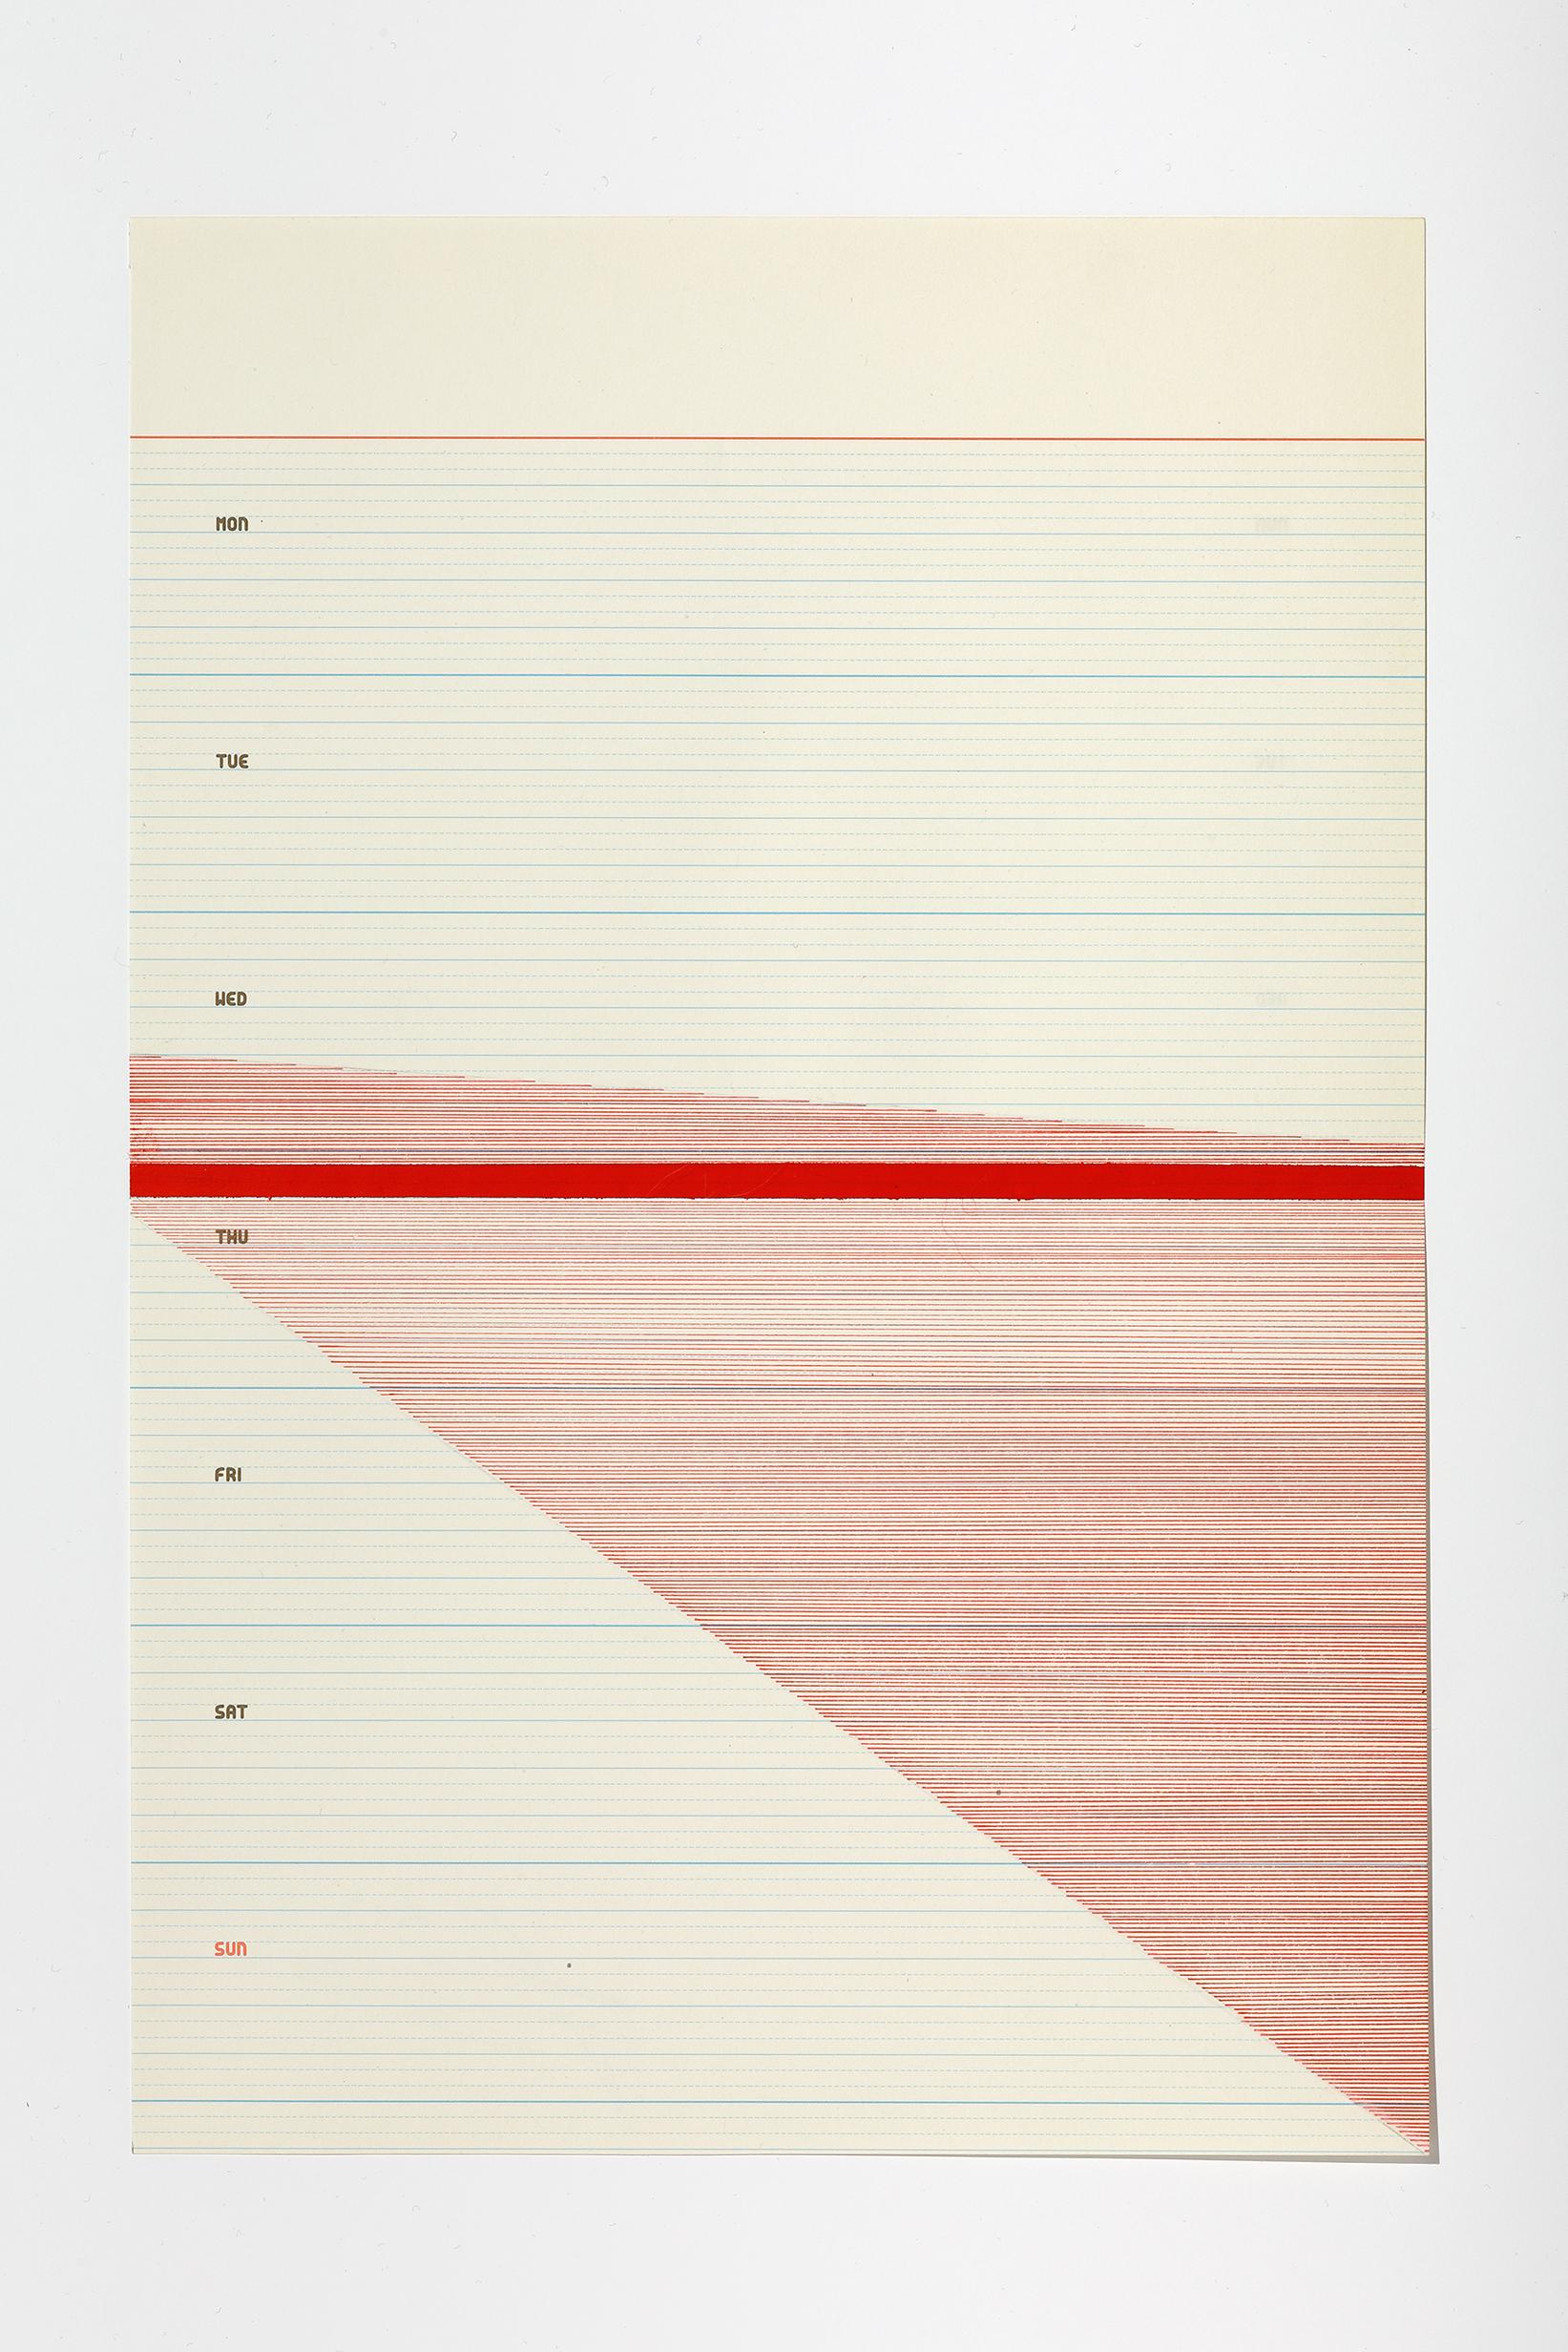 Haleh Redjaian  Six Weeks in Love (5/6) , 2017 archival ink pen on paper, 28,5 x 19,5 cm